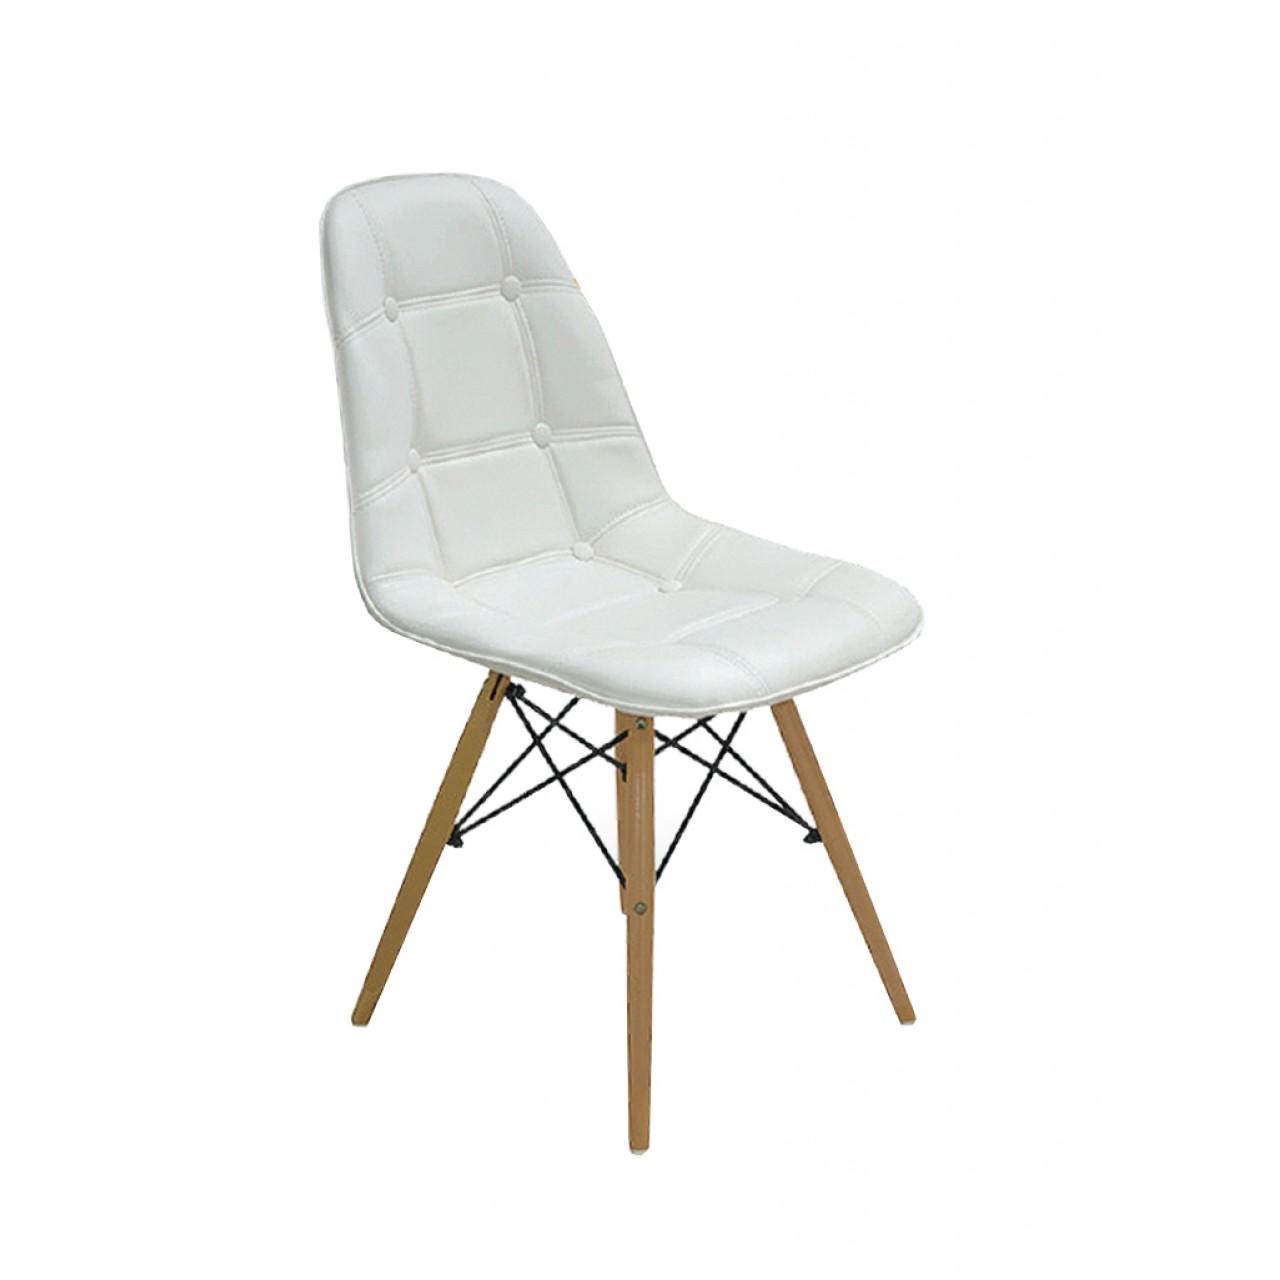 Καρέκλα Lina Λευκό Ξενοδοχειακά / Επαγγελματικά